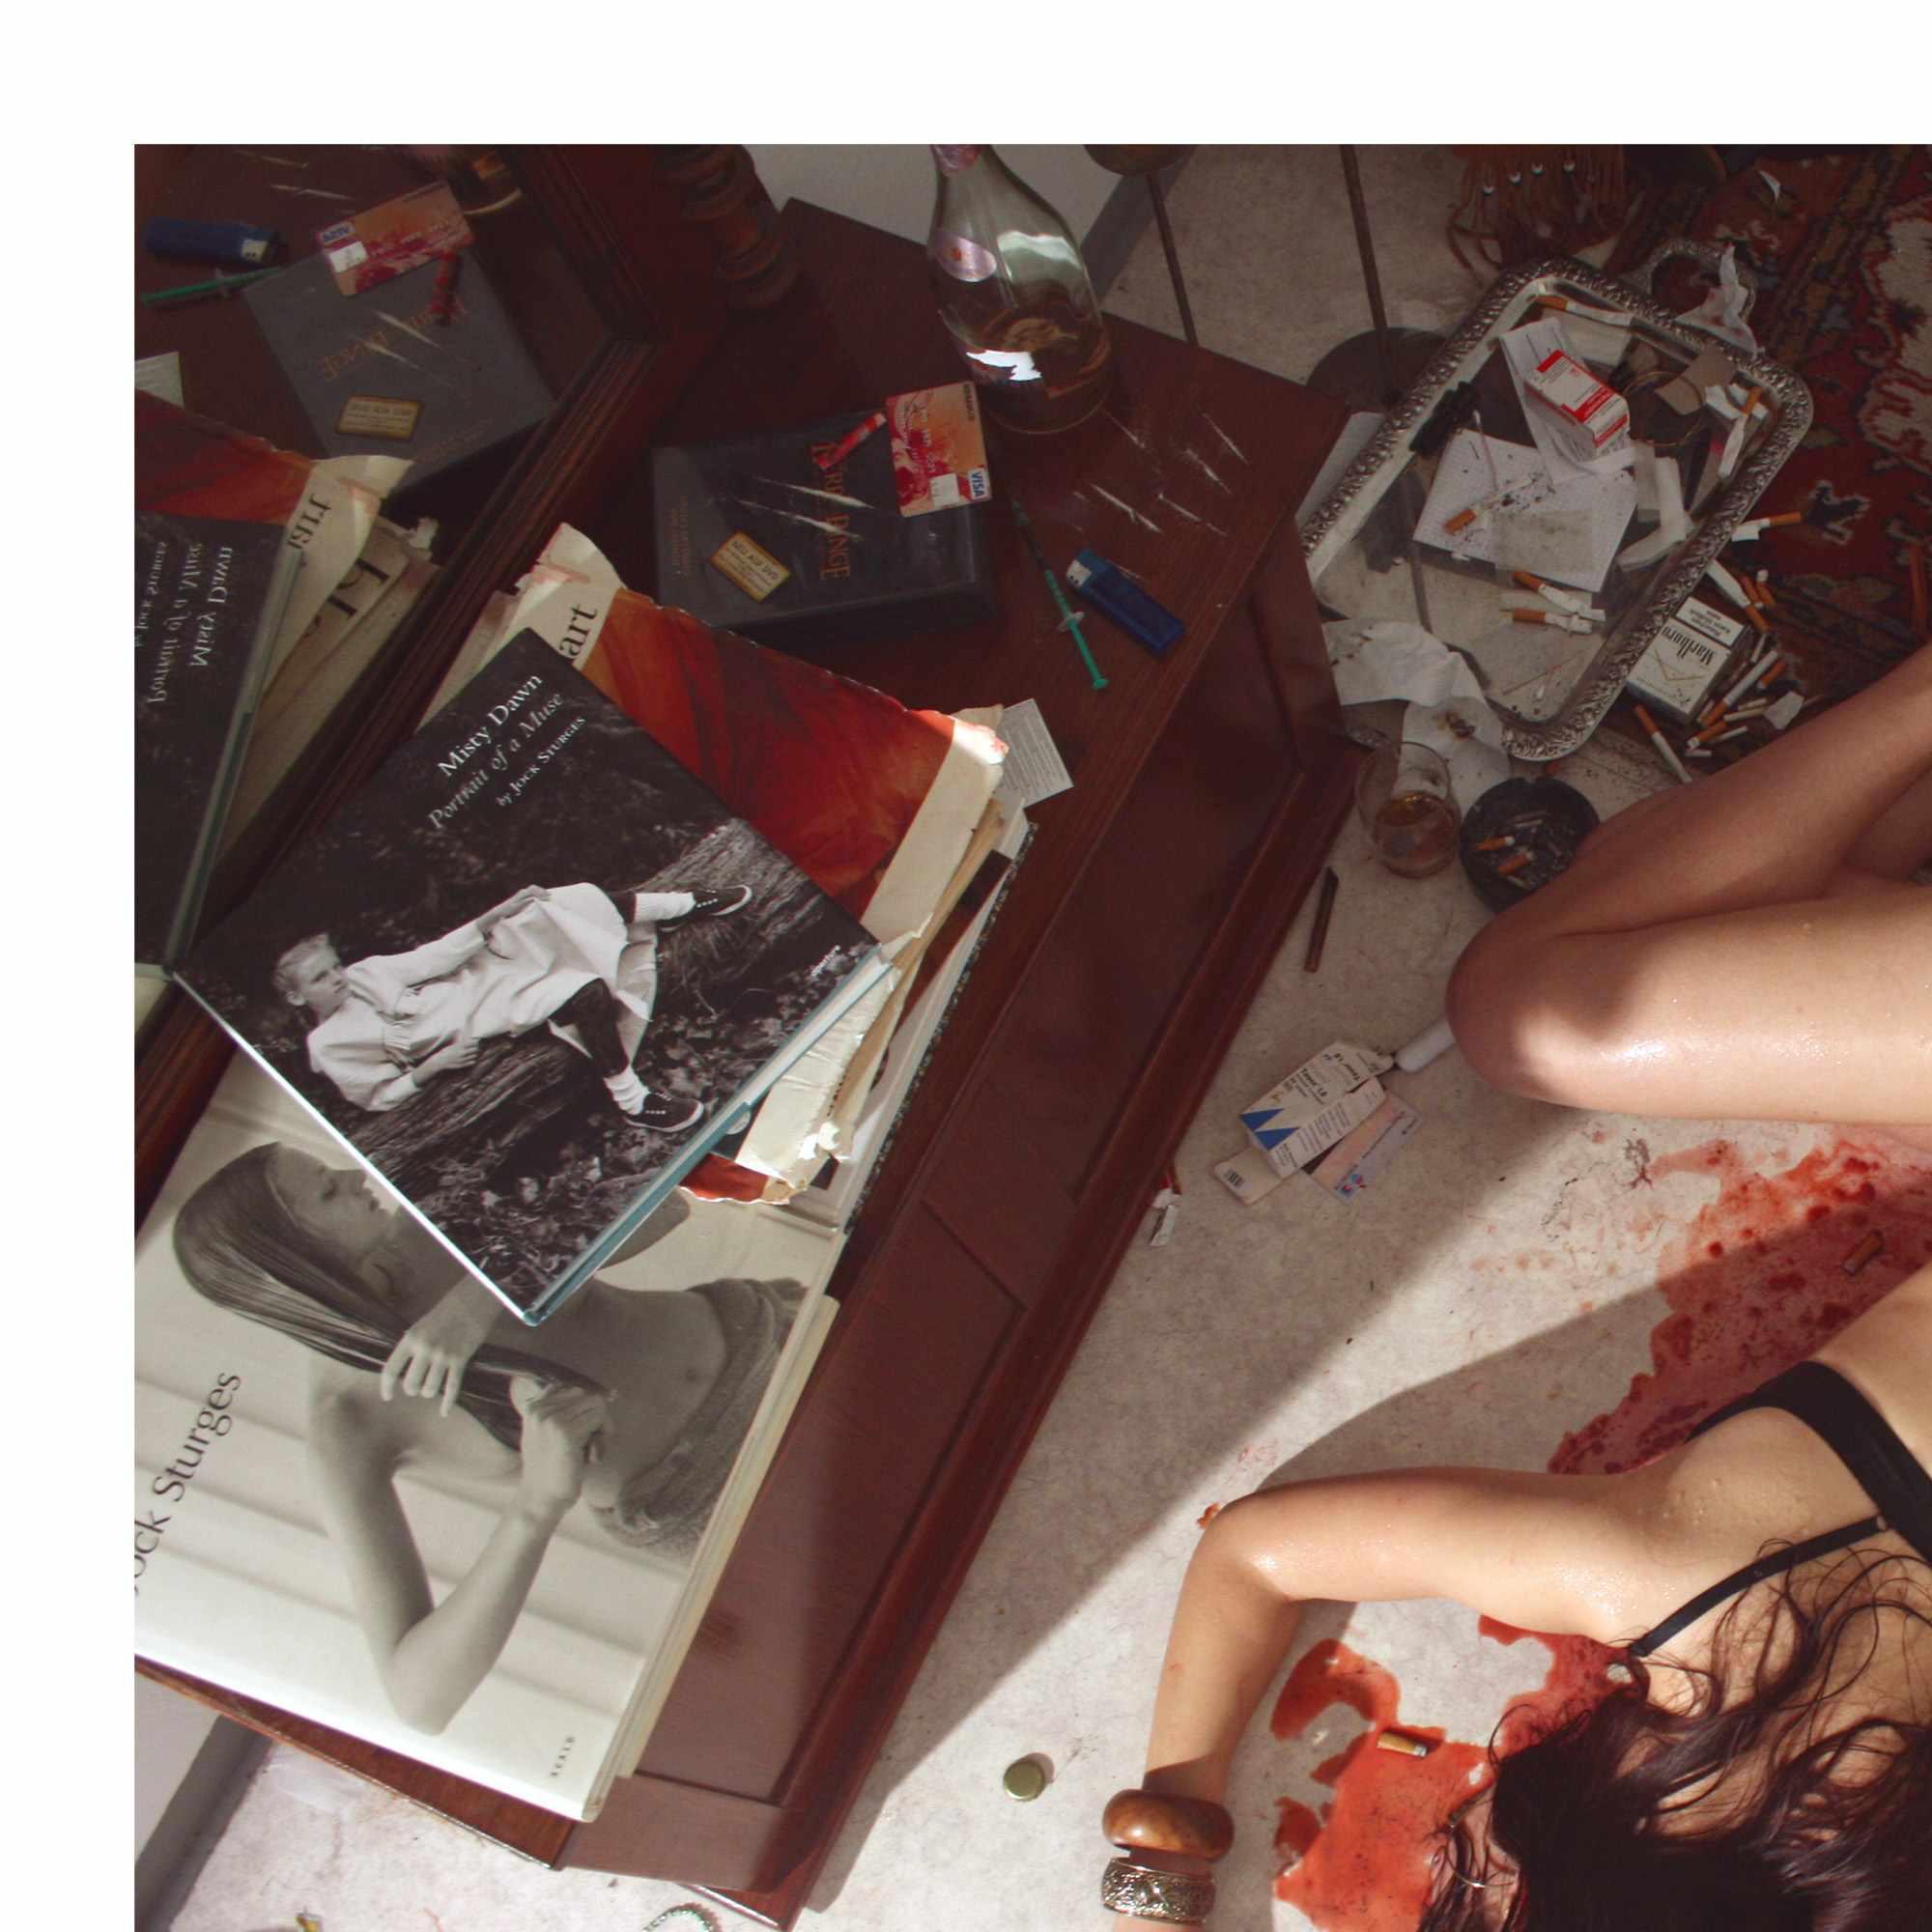 【閲覧注意】薬物中毒者の画像を貼ってくスレ・・・(27枚)・21枚目